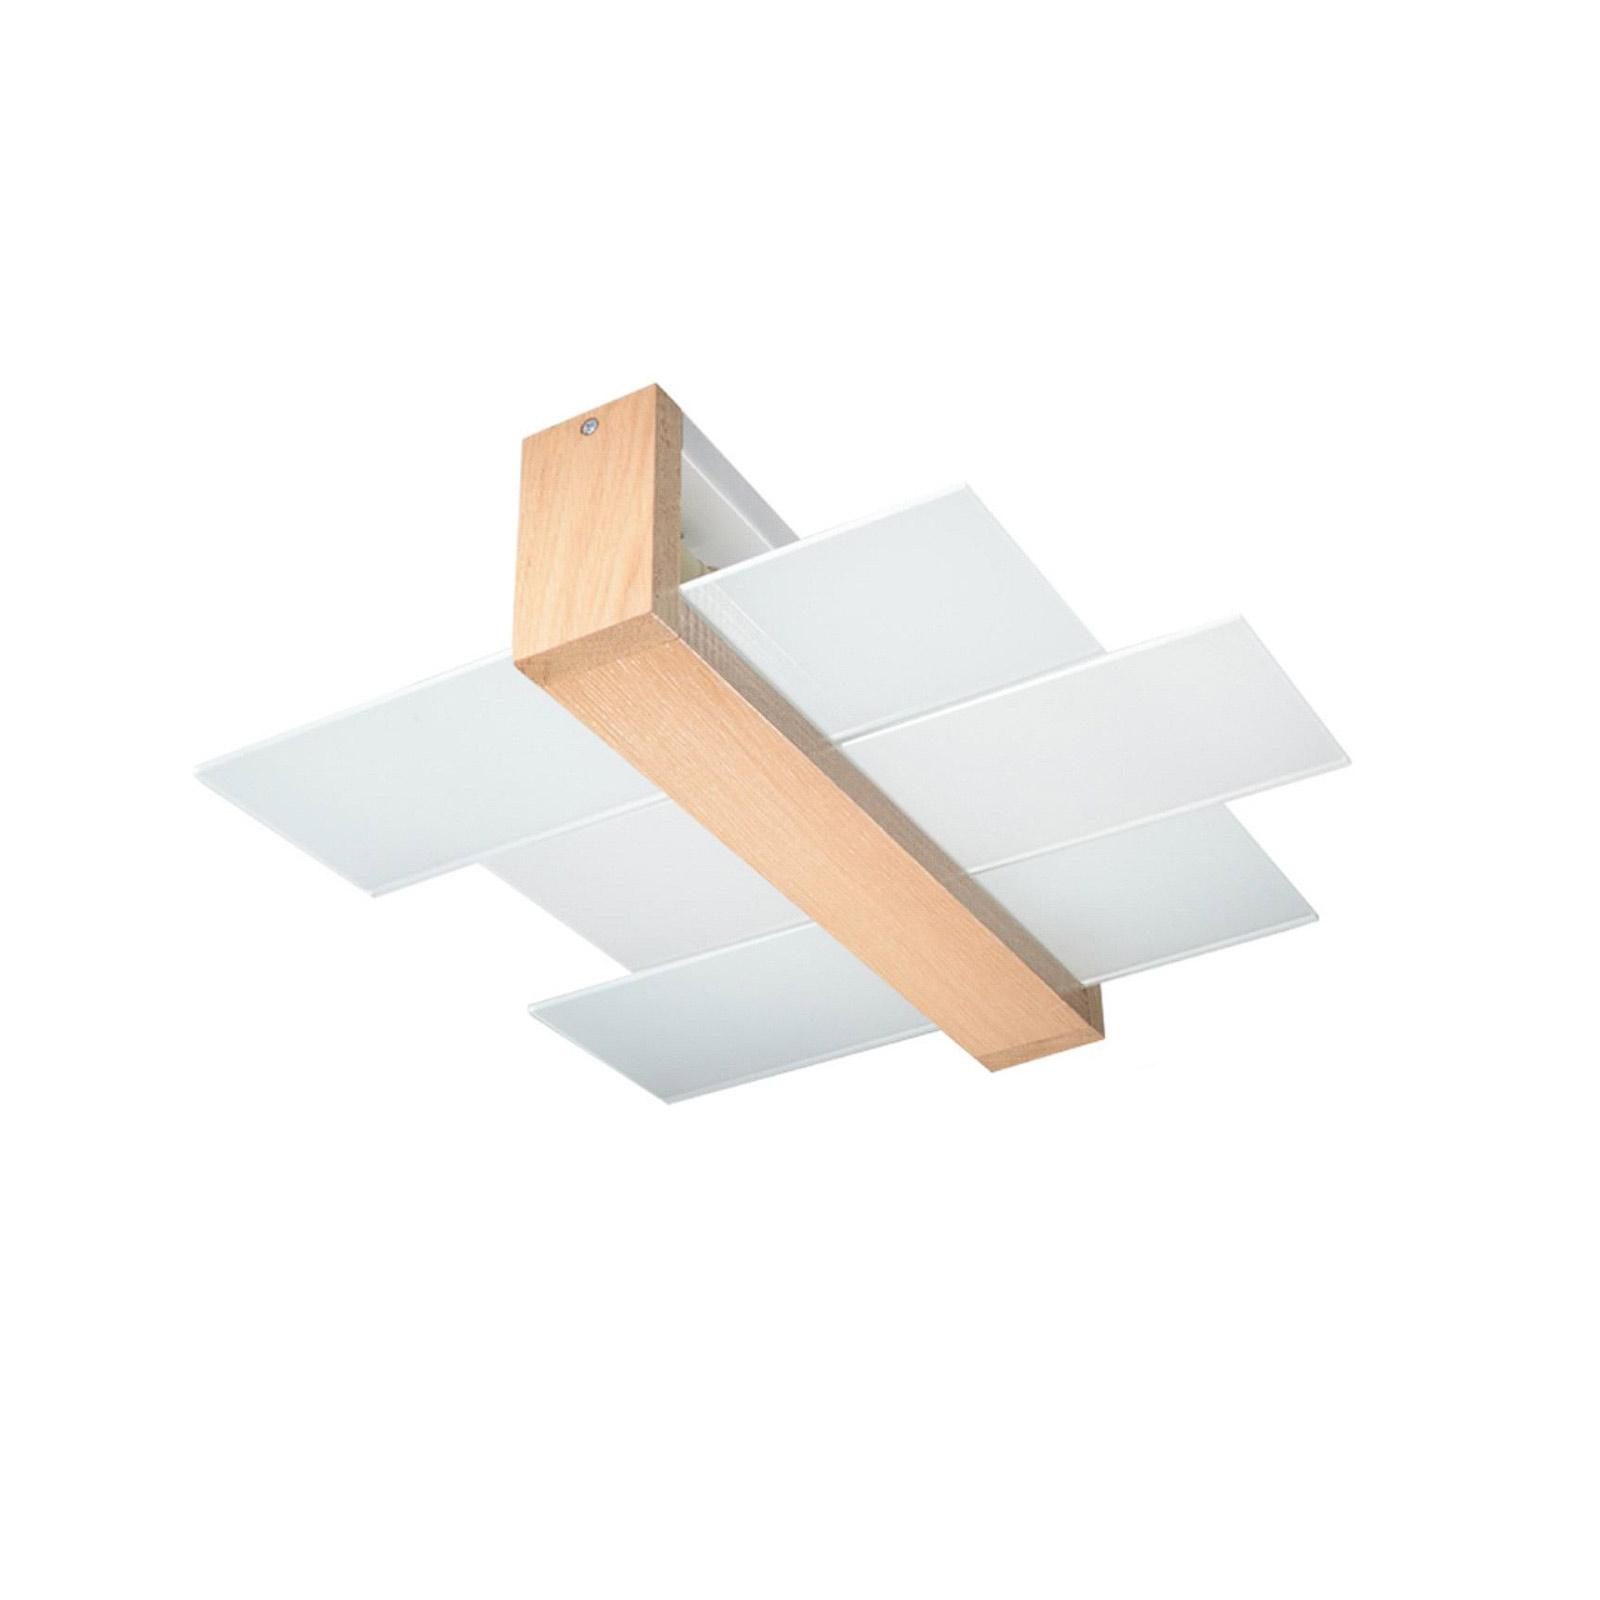 Deckenleuchte Shifted 2, Glas und helles Holz